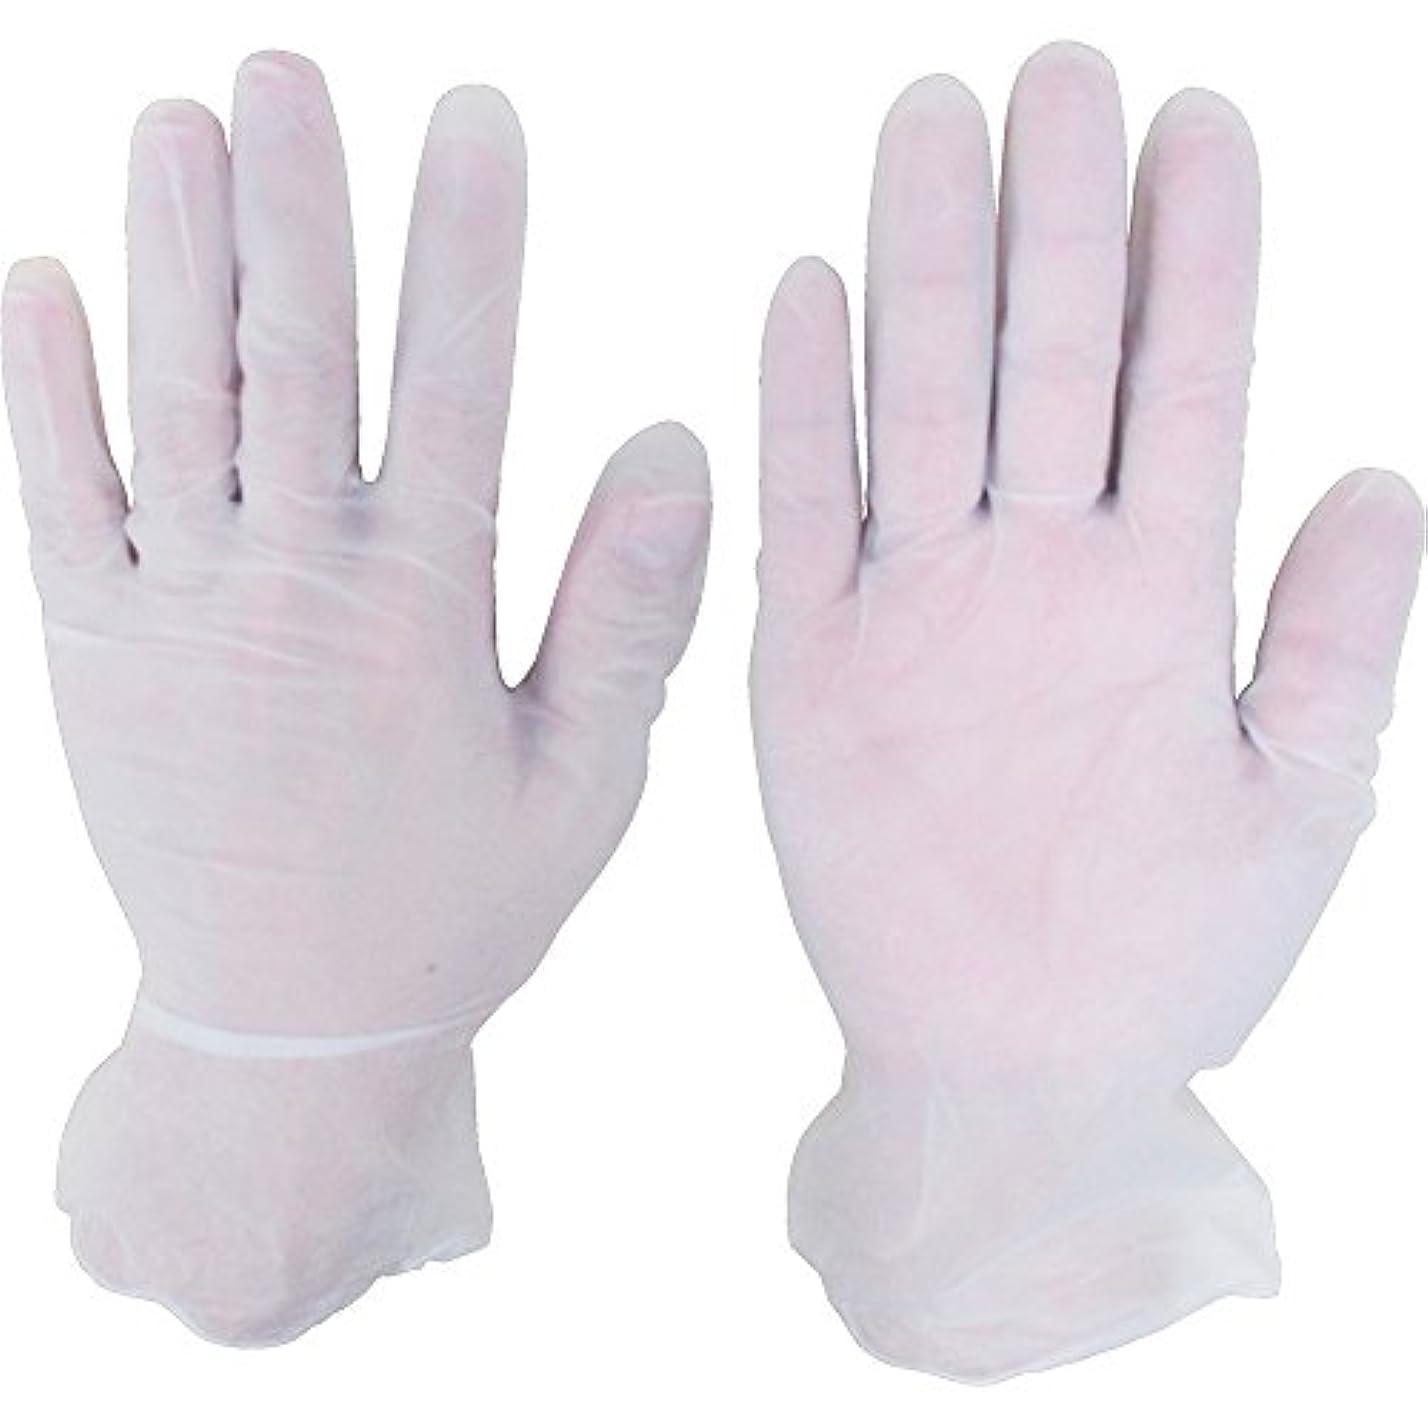 防腐剤ギャロップダンスシンガー プラスチックグローブNo8100PF SSサイズ (100枚入) D201-SS ビニール使い捨て手袋